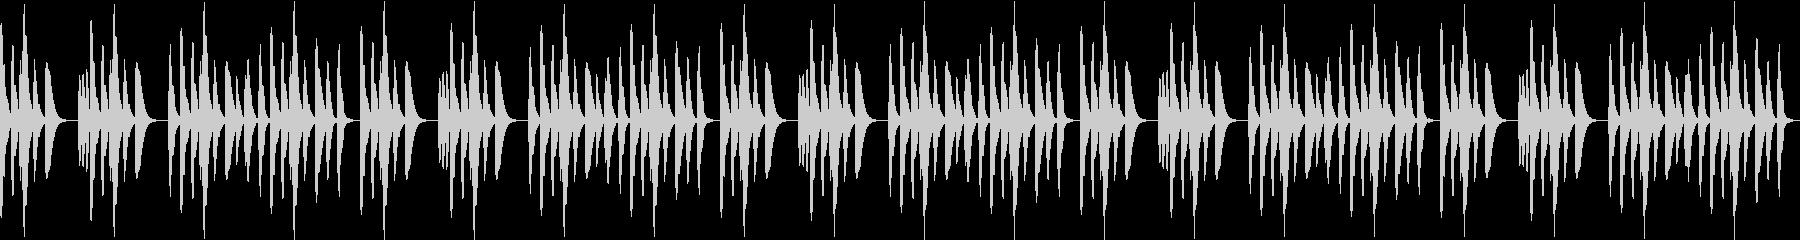 ほっこり穏やかで落ち着いたループ音源の未再生の波形